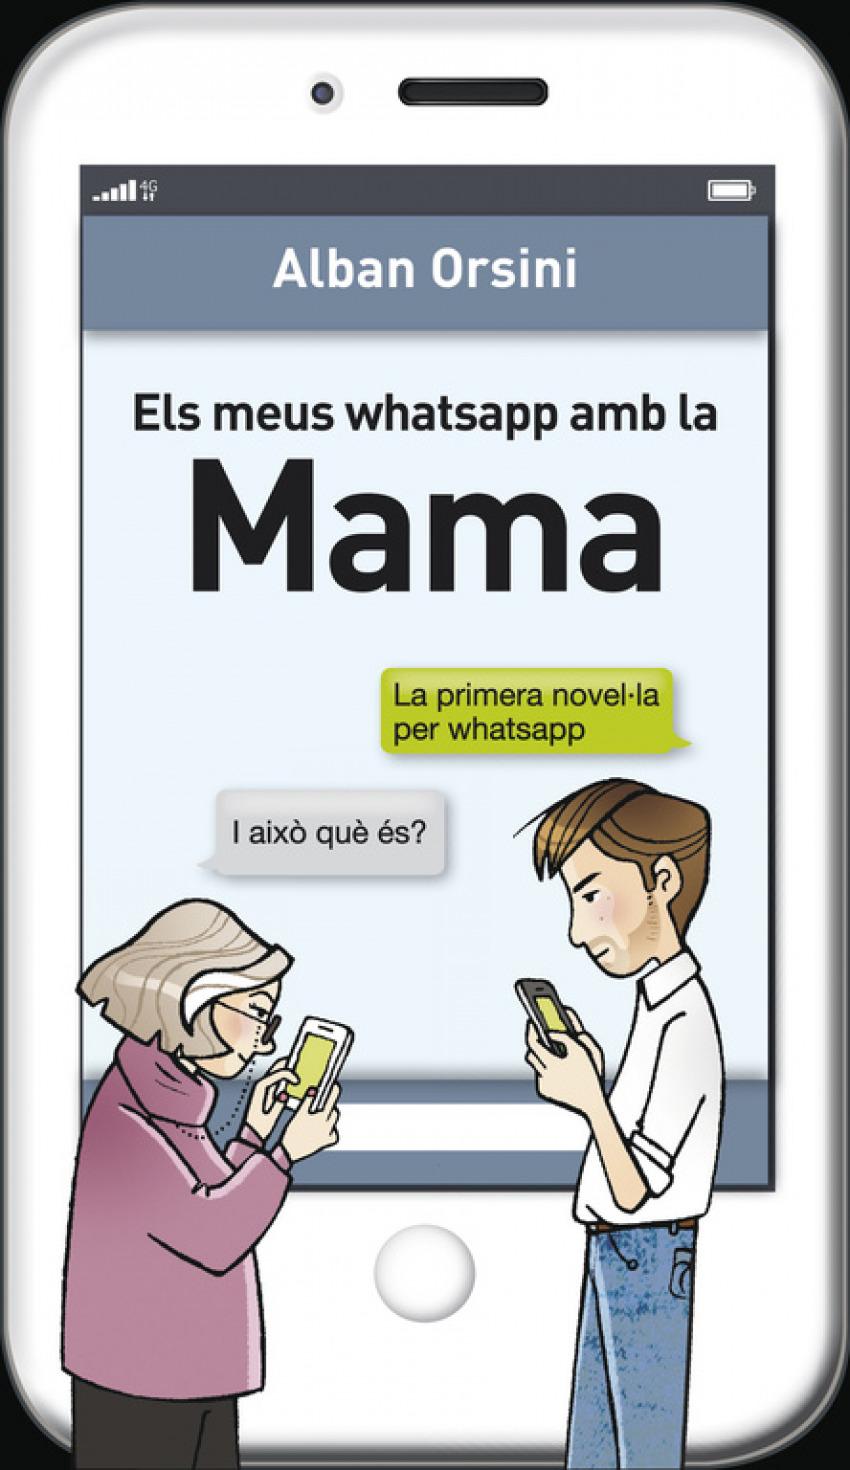 Els Meus whatsapp amb la mama